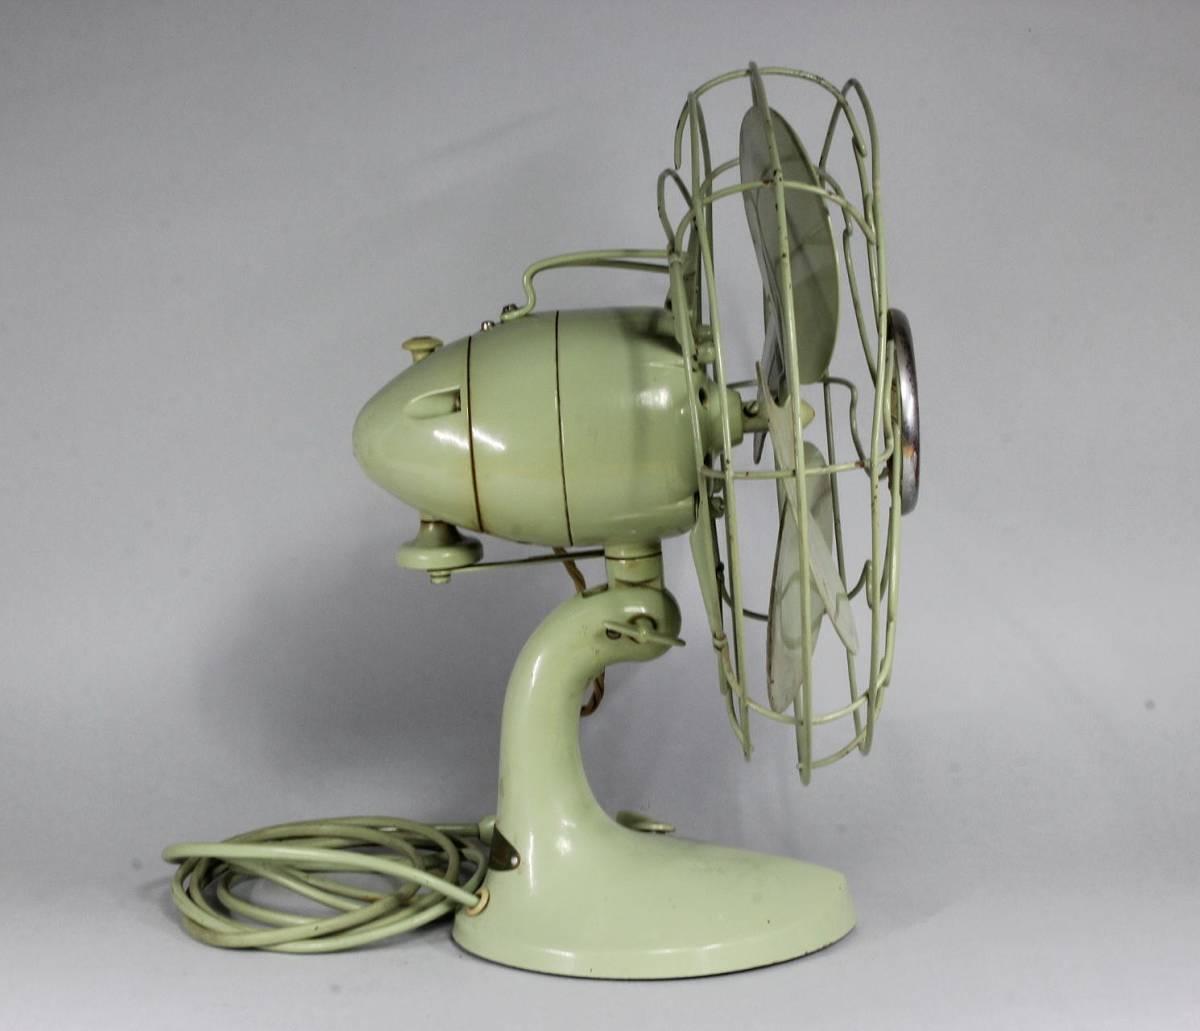 HITACHI 日立 A.C. DESK FAN/ M-6032 扇風機 可動品 首振り 動作確認済み 当時の箱付き /昭和レトロ レトロ扇風機 アンティーク _画像4